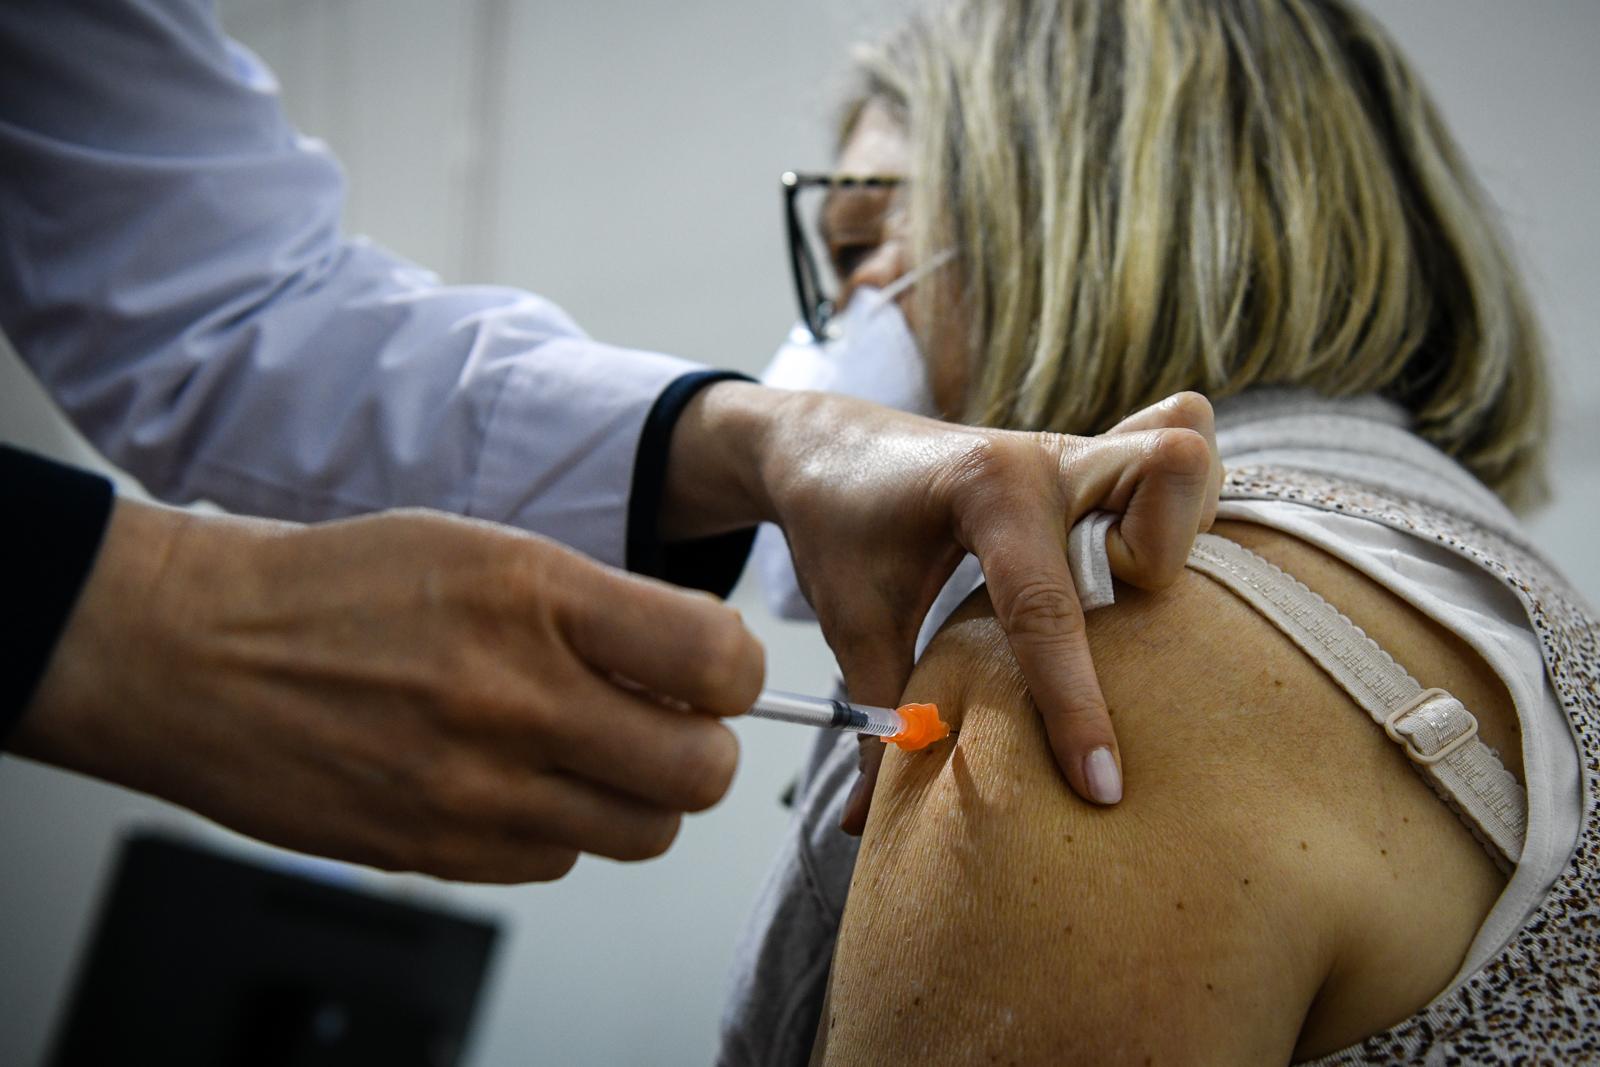 Dezenas de pessoas começam a ser vacinadas no multiusos por agendamento vacina covid19 covid-19